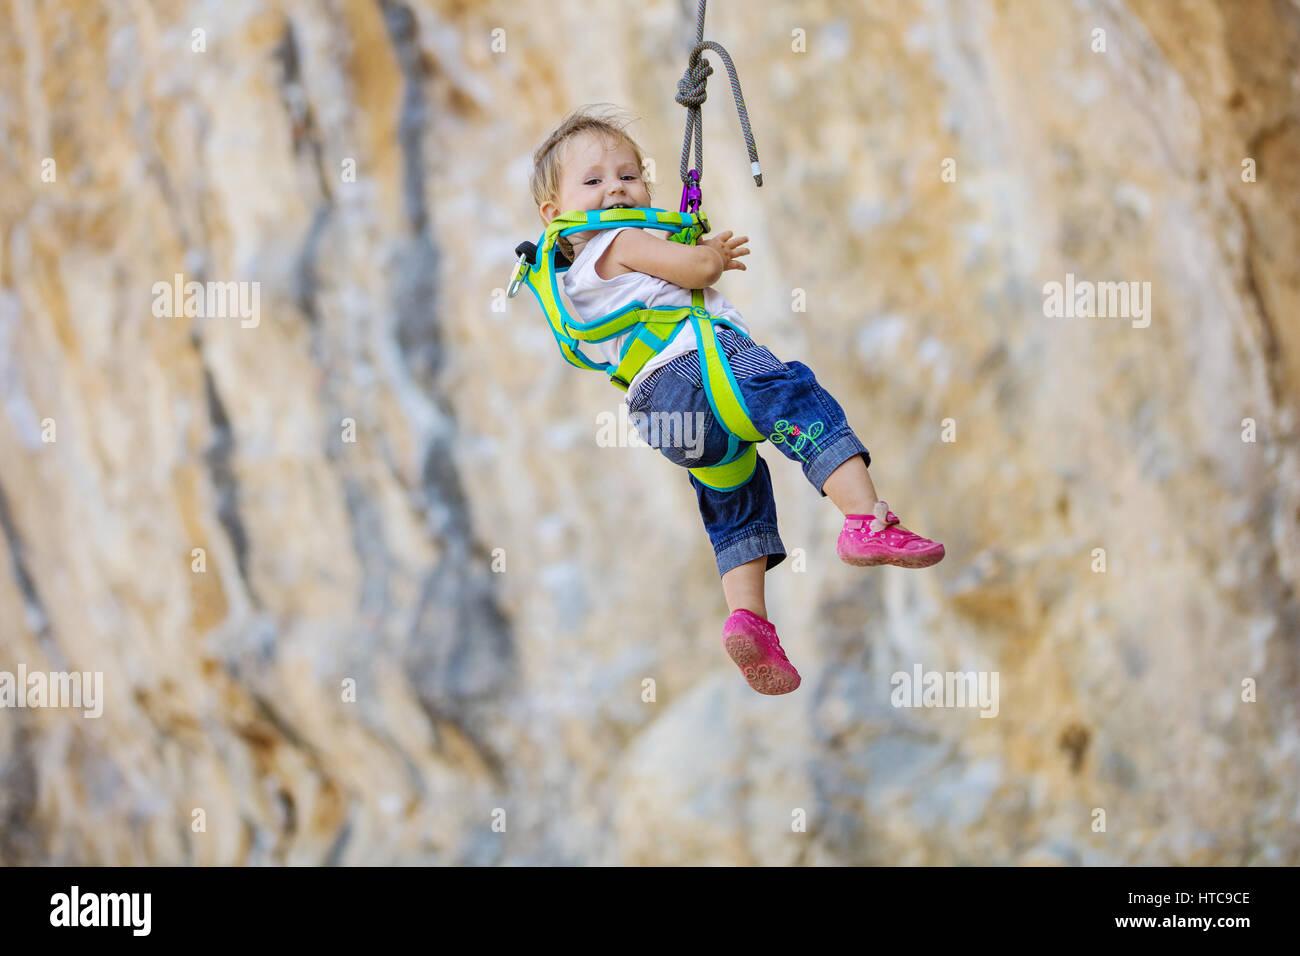 Kletterausrüstung Essen : Kletterausrüstung das braucht ihr zum klettern u a tirol